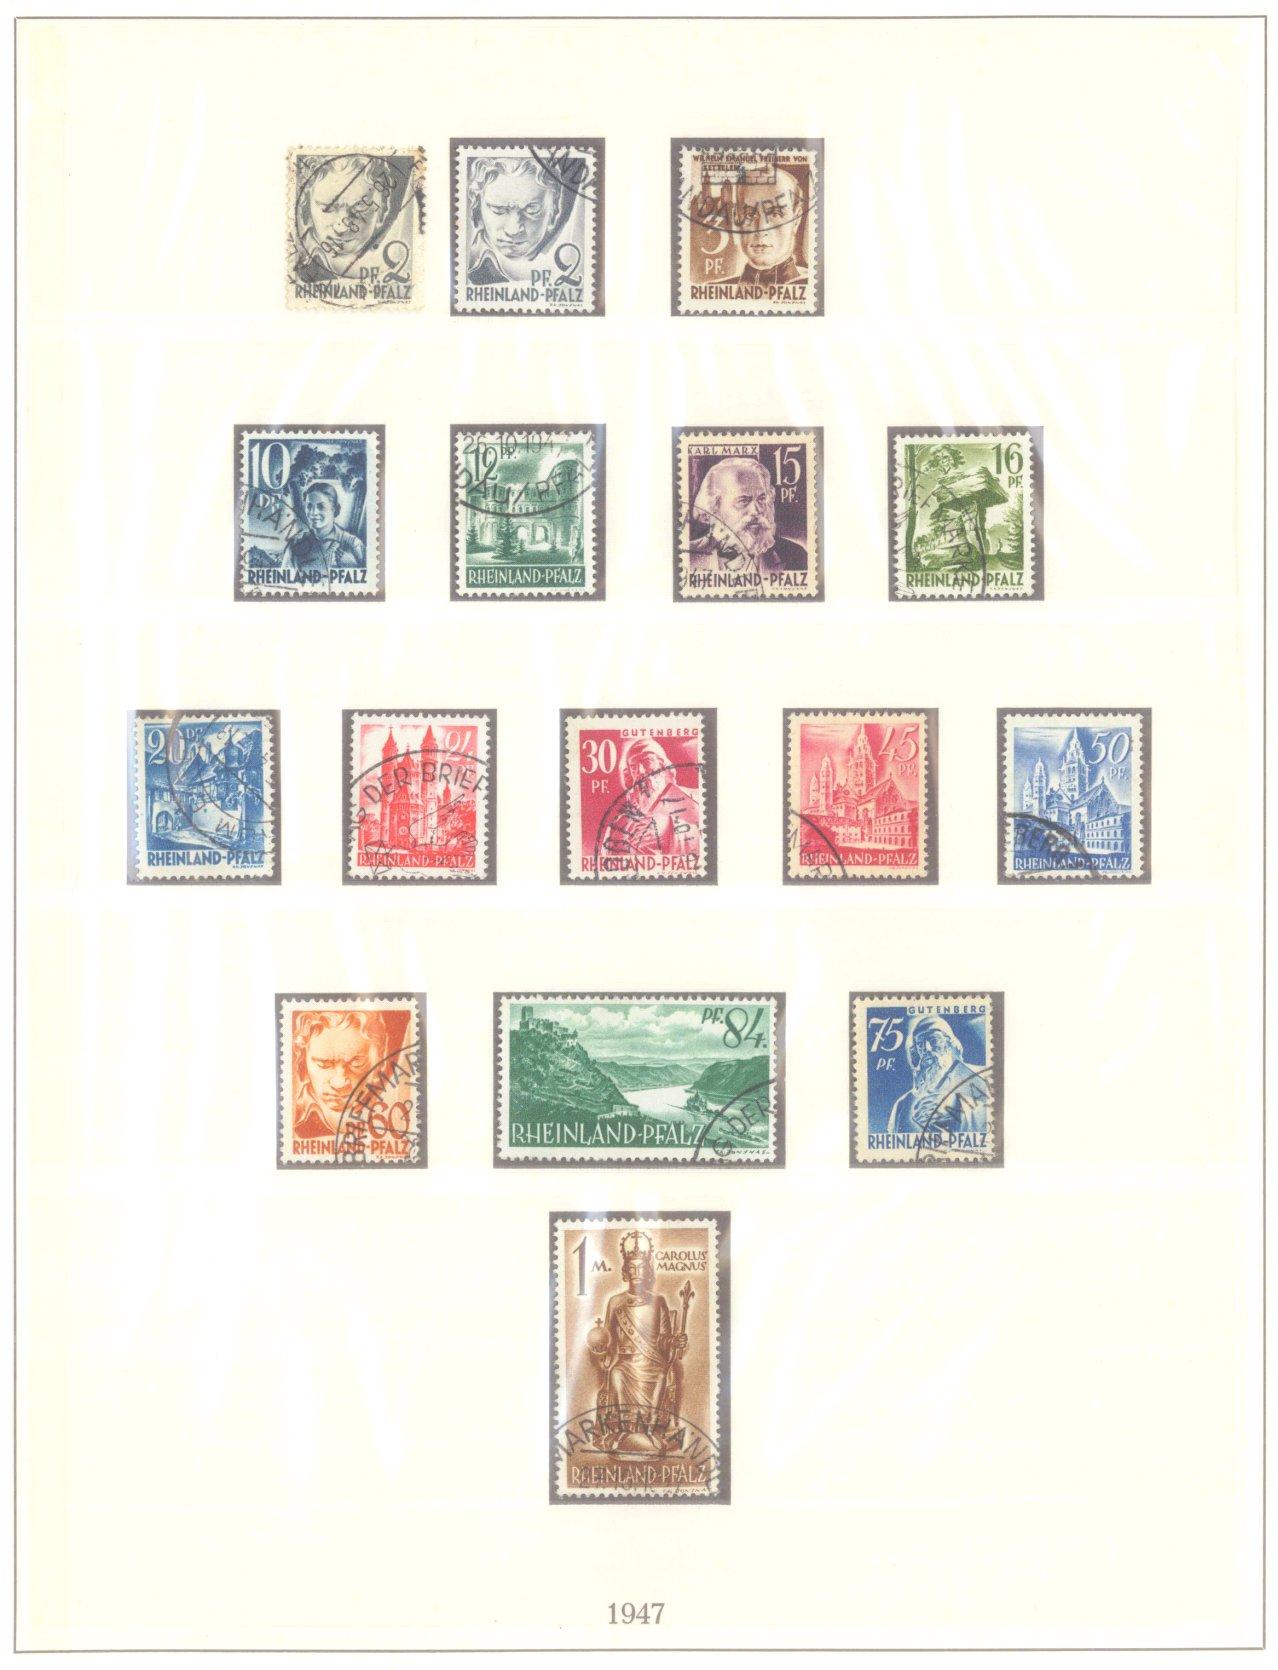 FRANZÖSISCHE ZONE RHEIN-PFALZ 1947-1948, Freimarken (I-III)